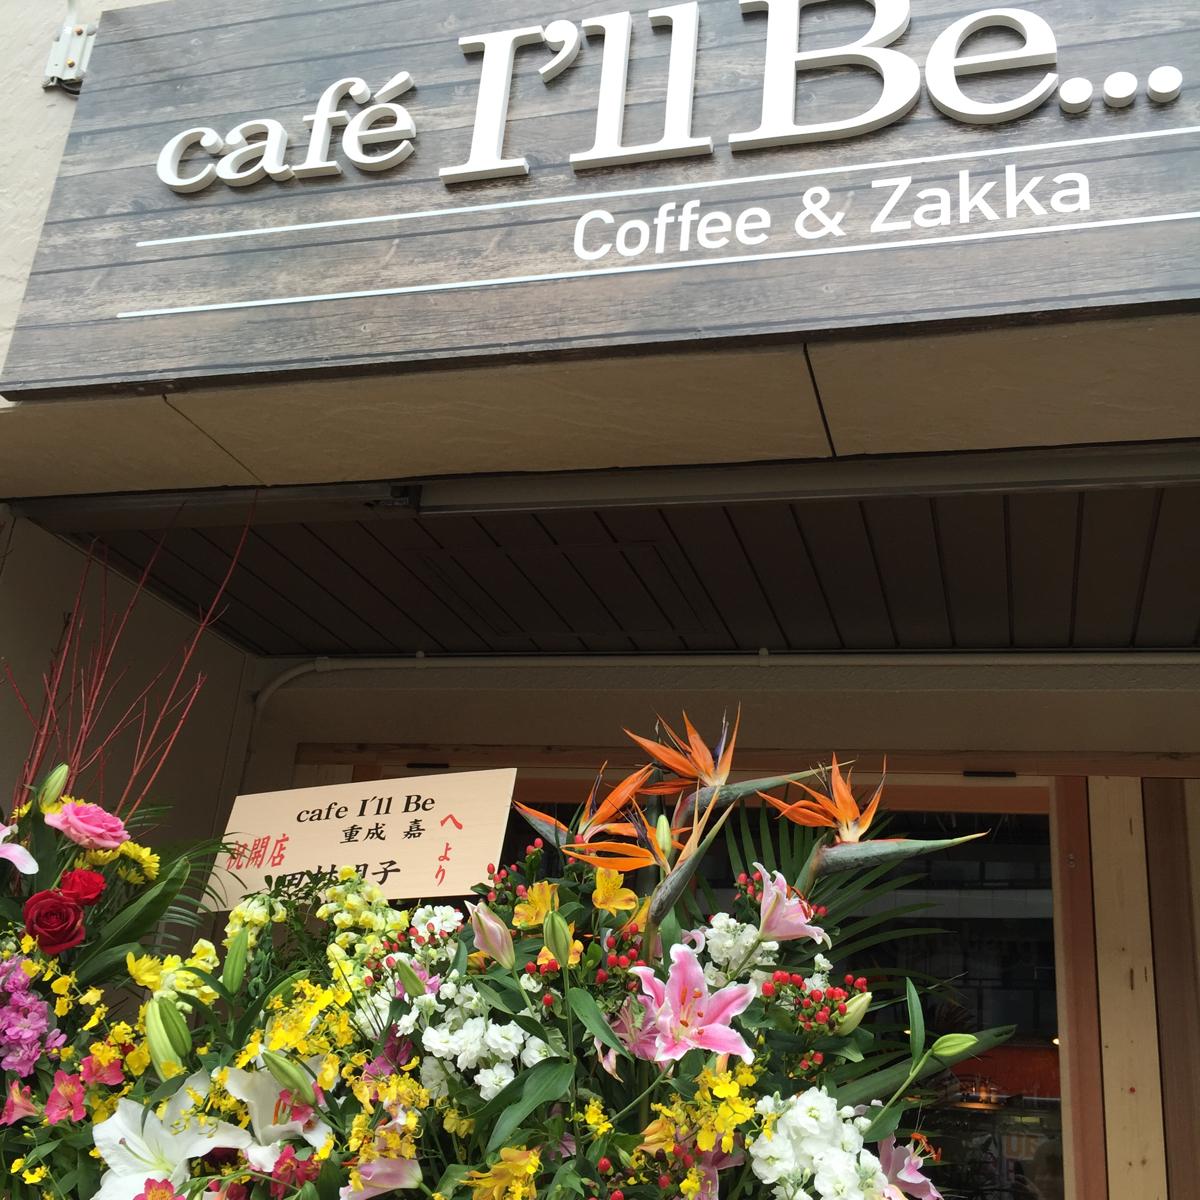 カフェ アイルビー